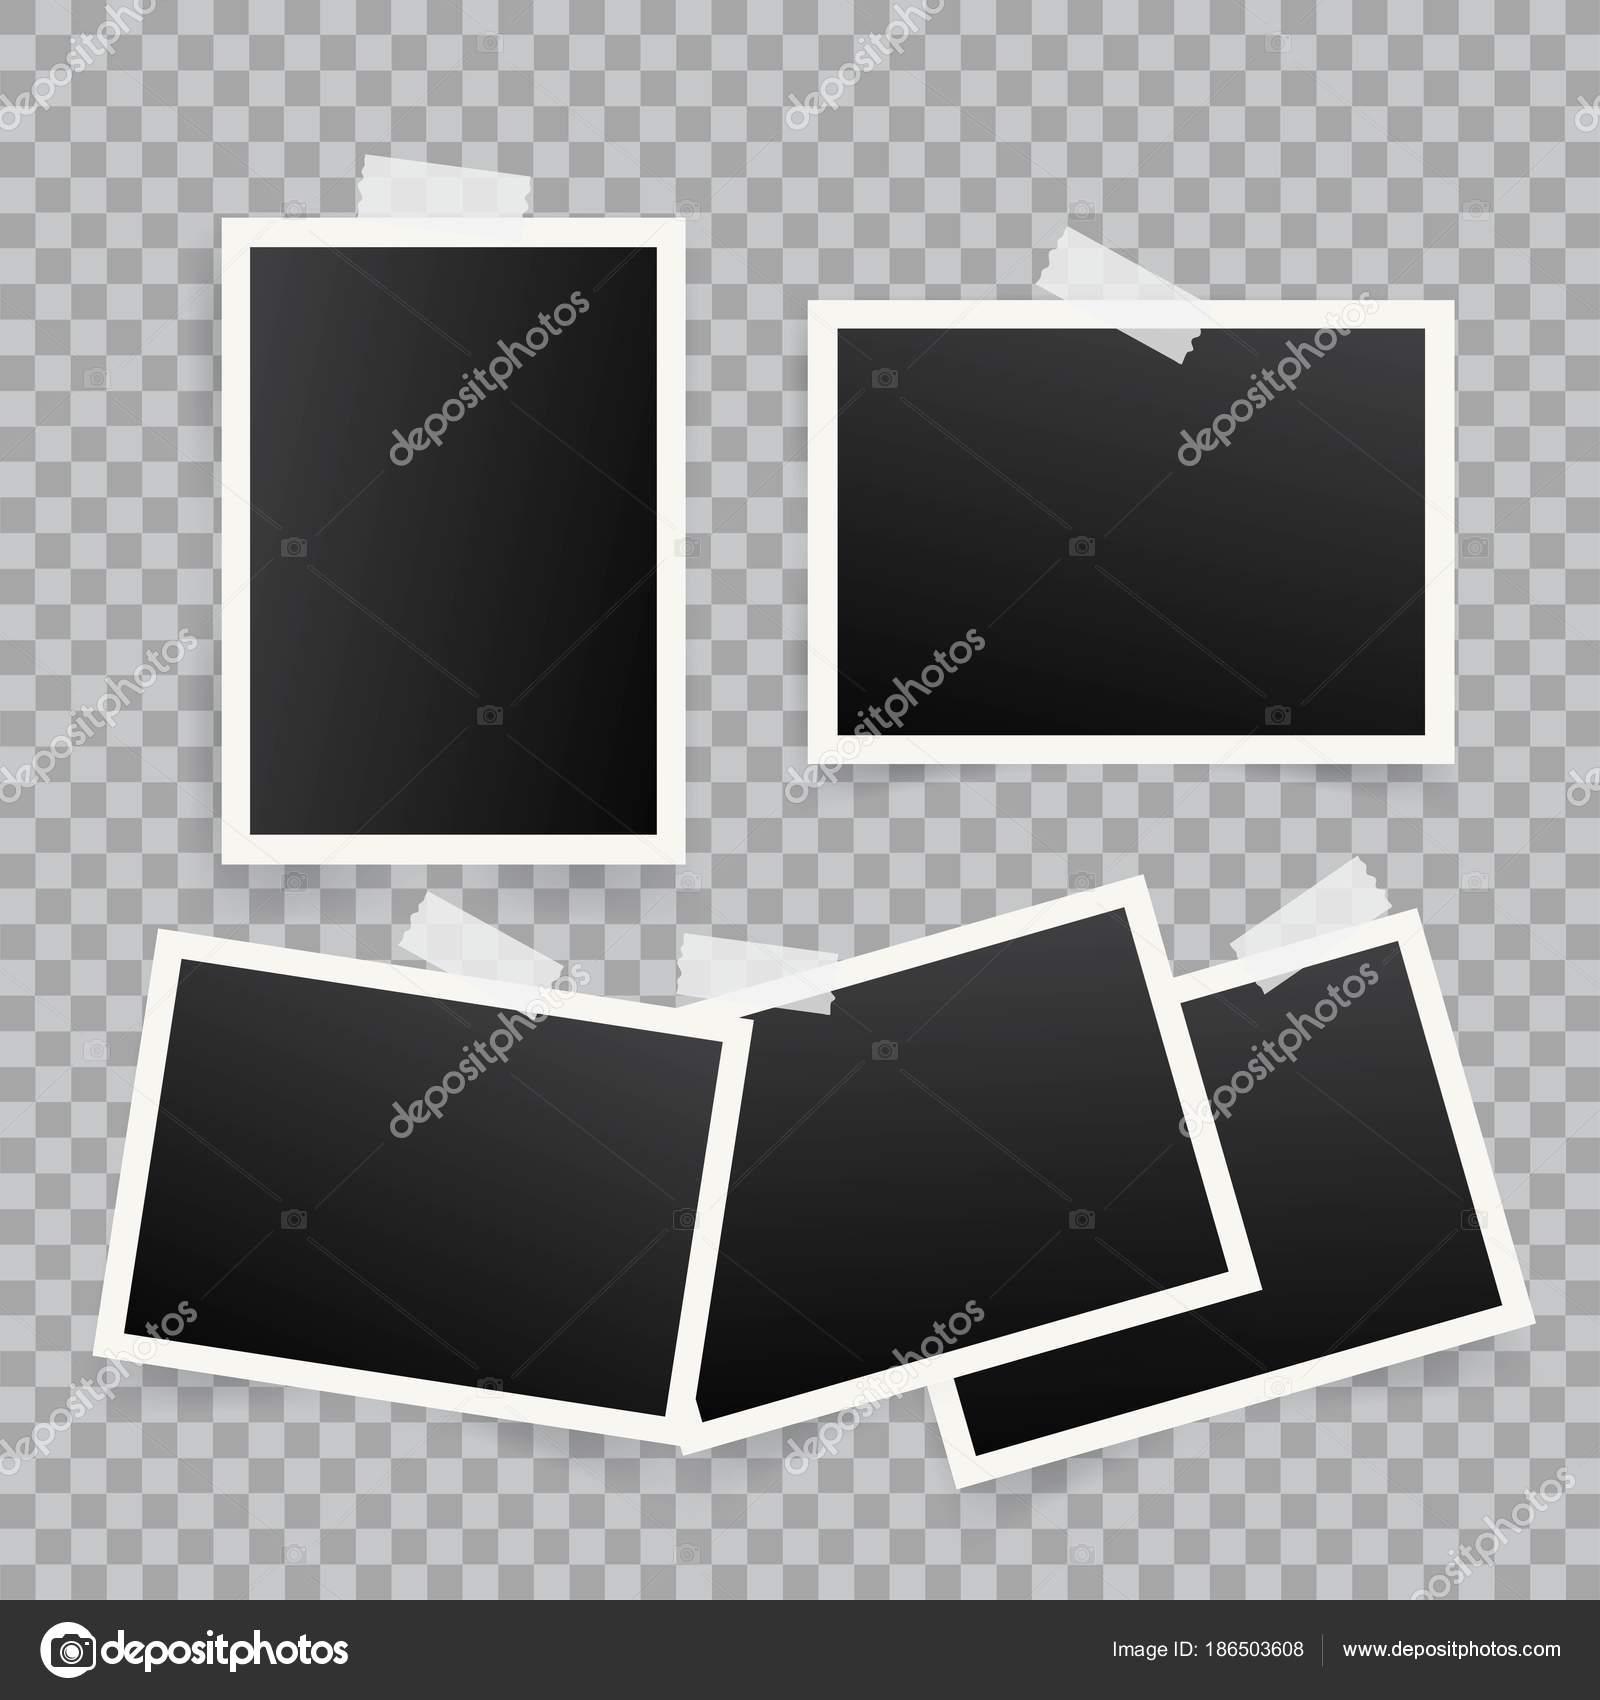 コピー領域に添付されているポラロイド写真フレーム テンプレート